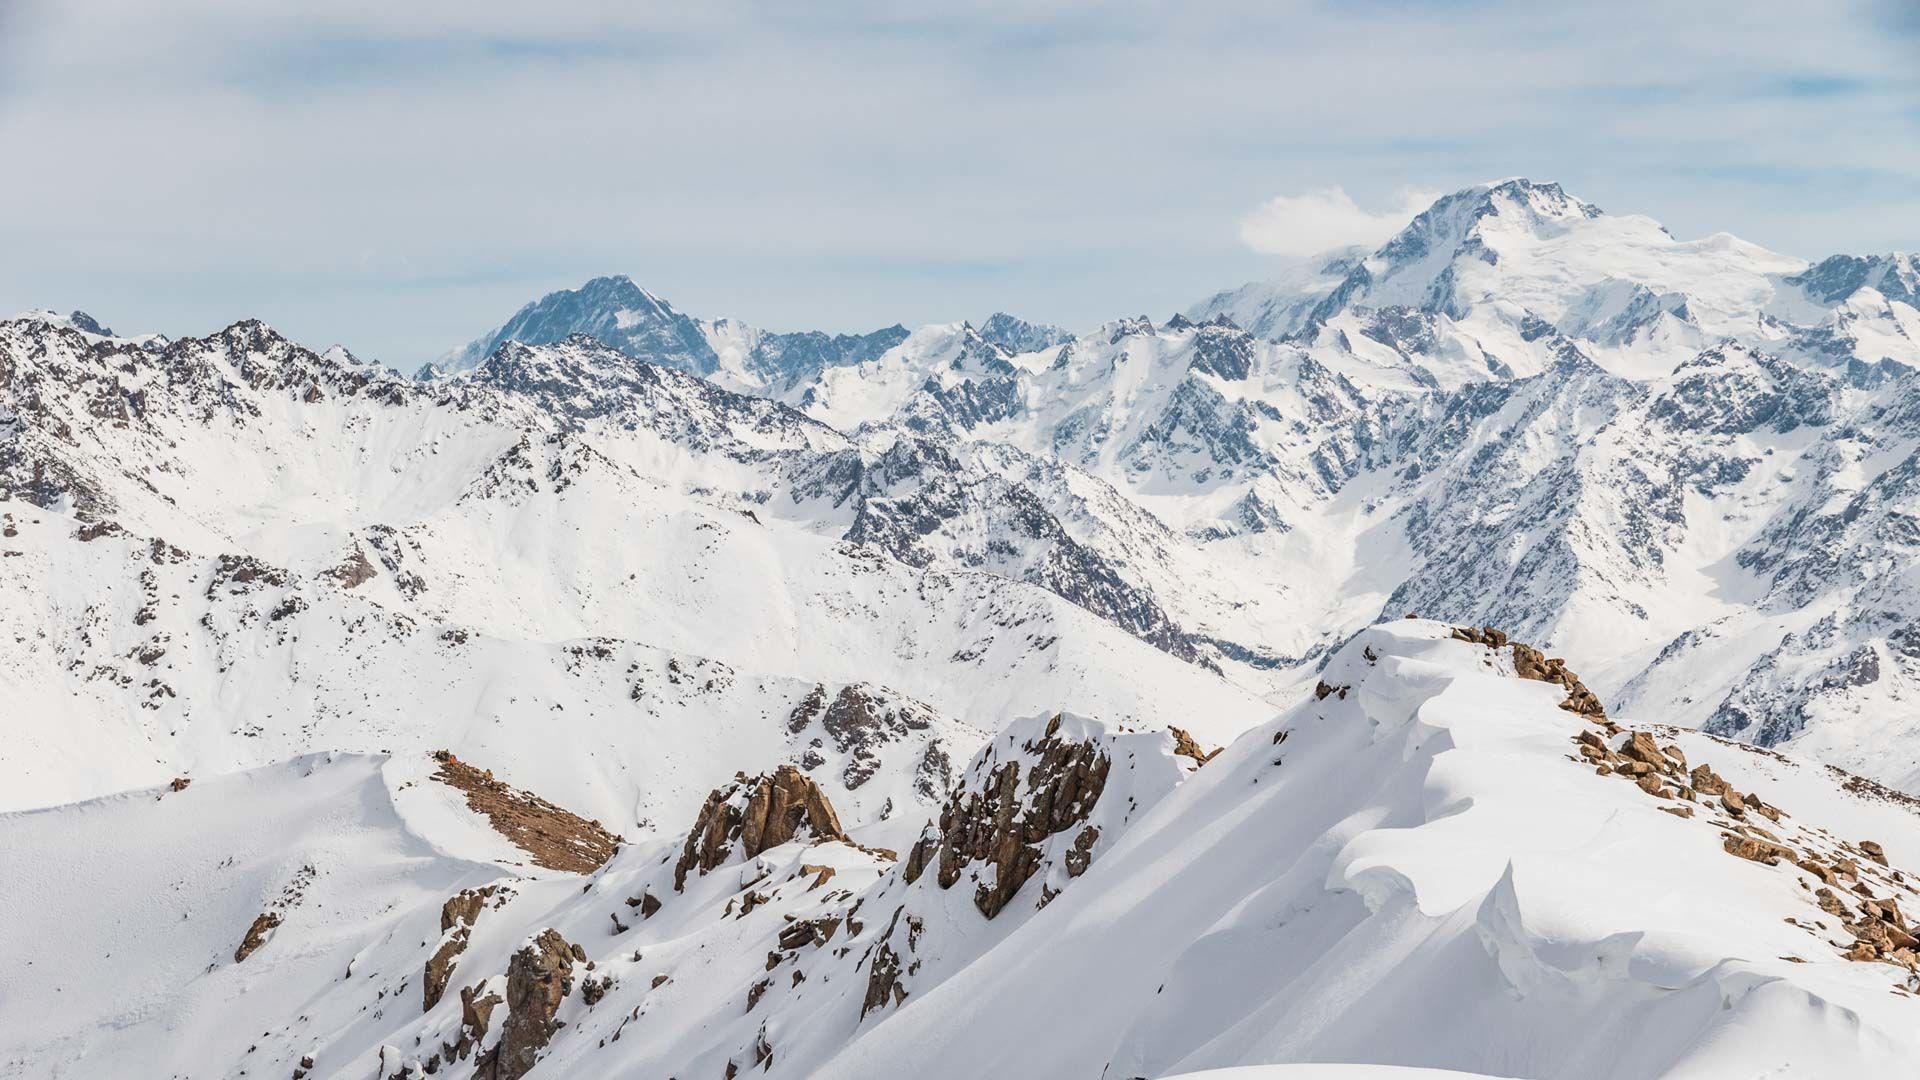 Ausblick Auf Die Hohen Gipfel Des Tien Shan Beim Skitouren In Karakol